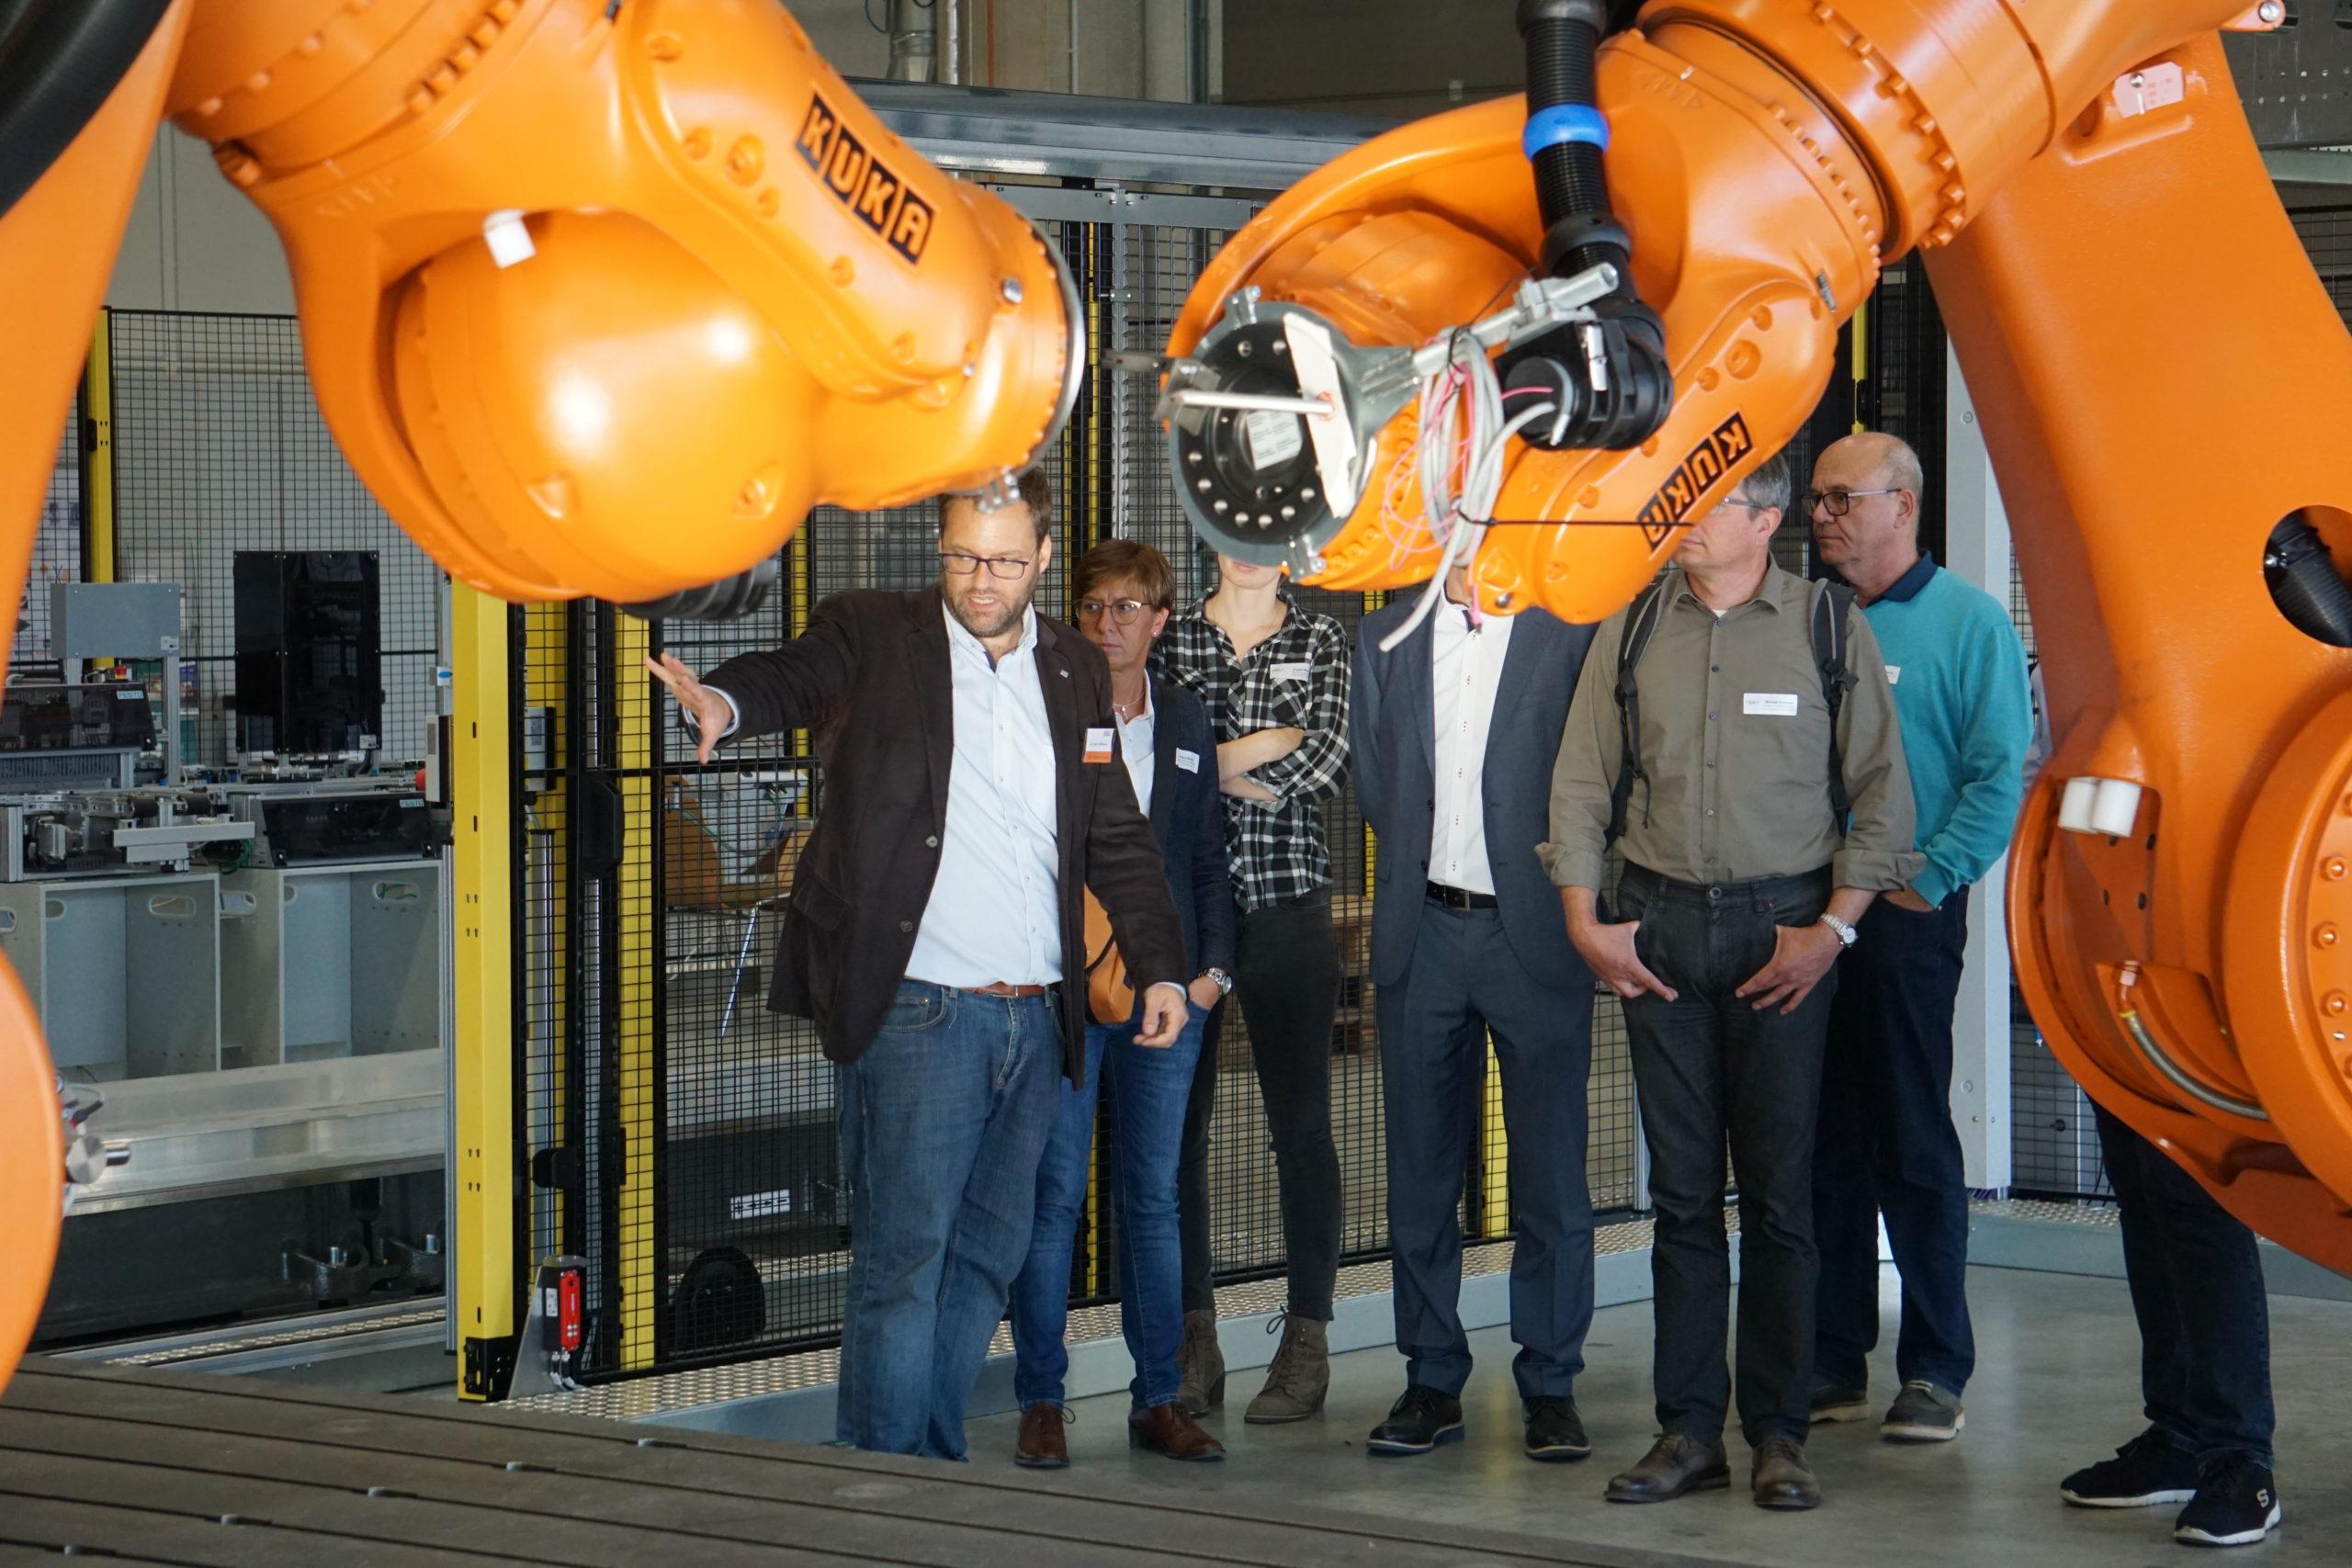 Robotik-Forschung beim Transfertag in Augsburg